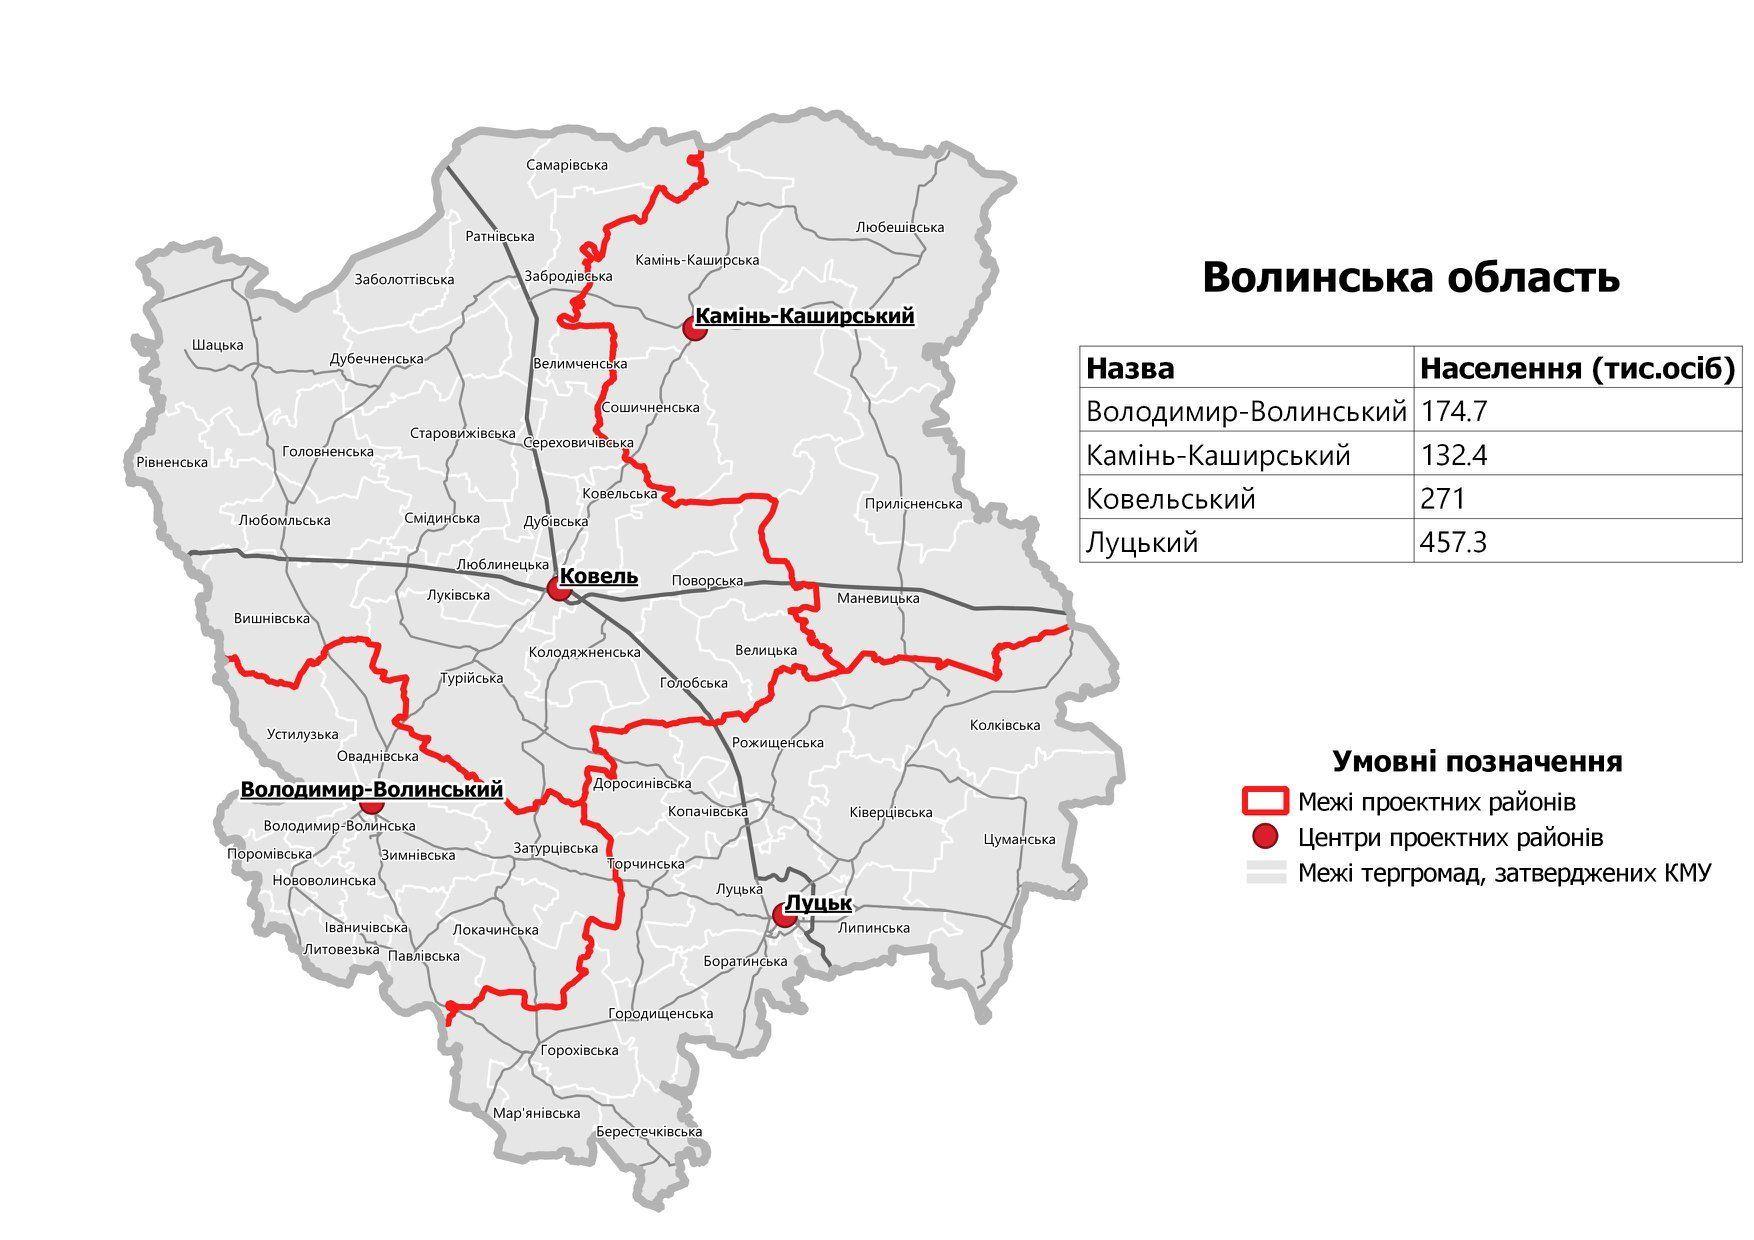 Мапа нових районів_13